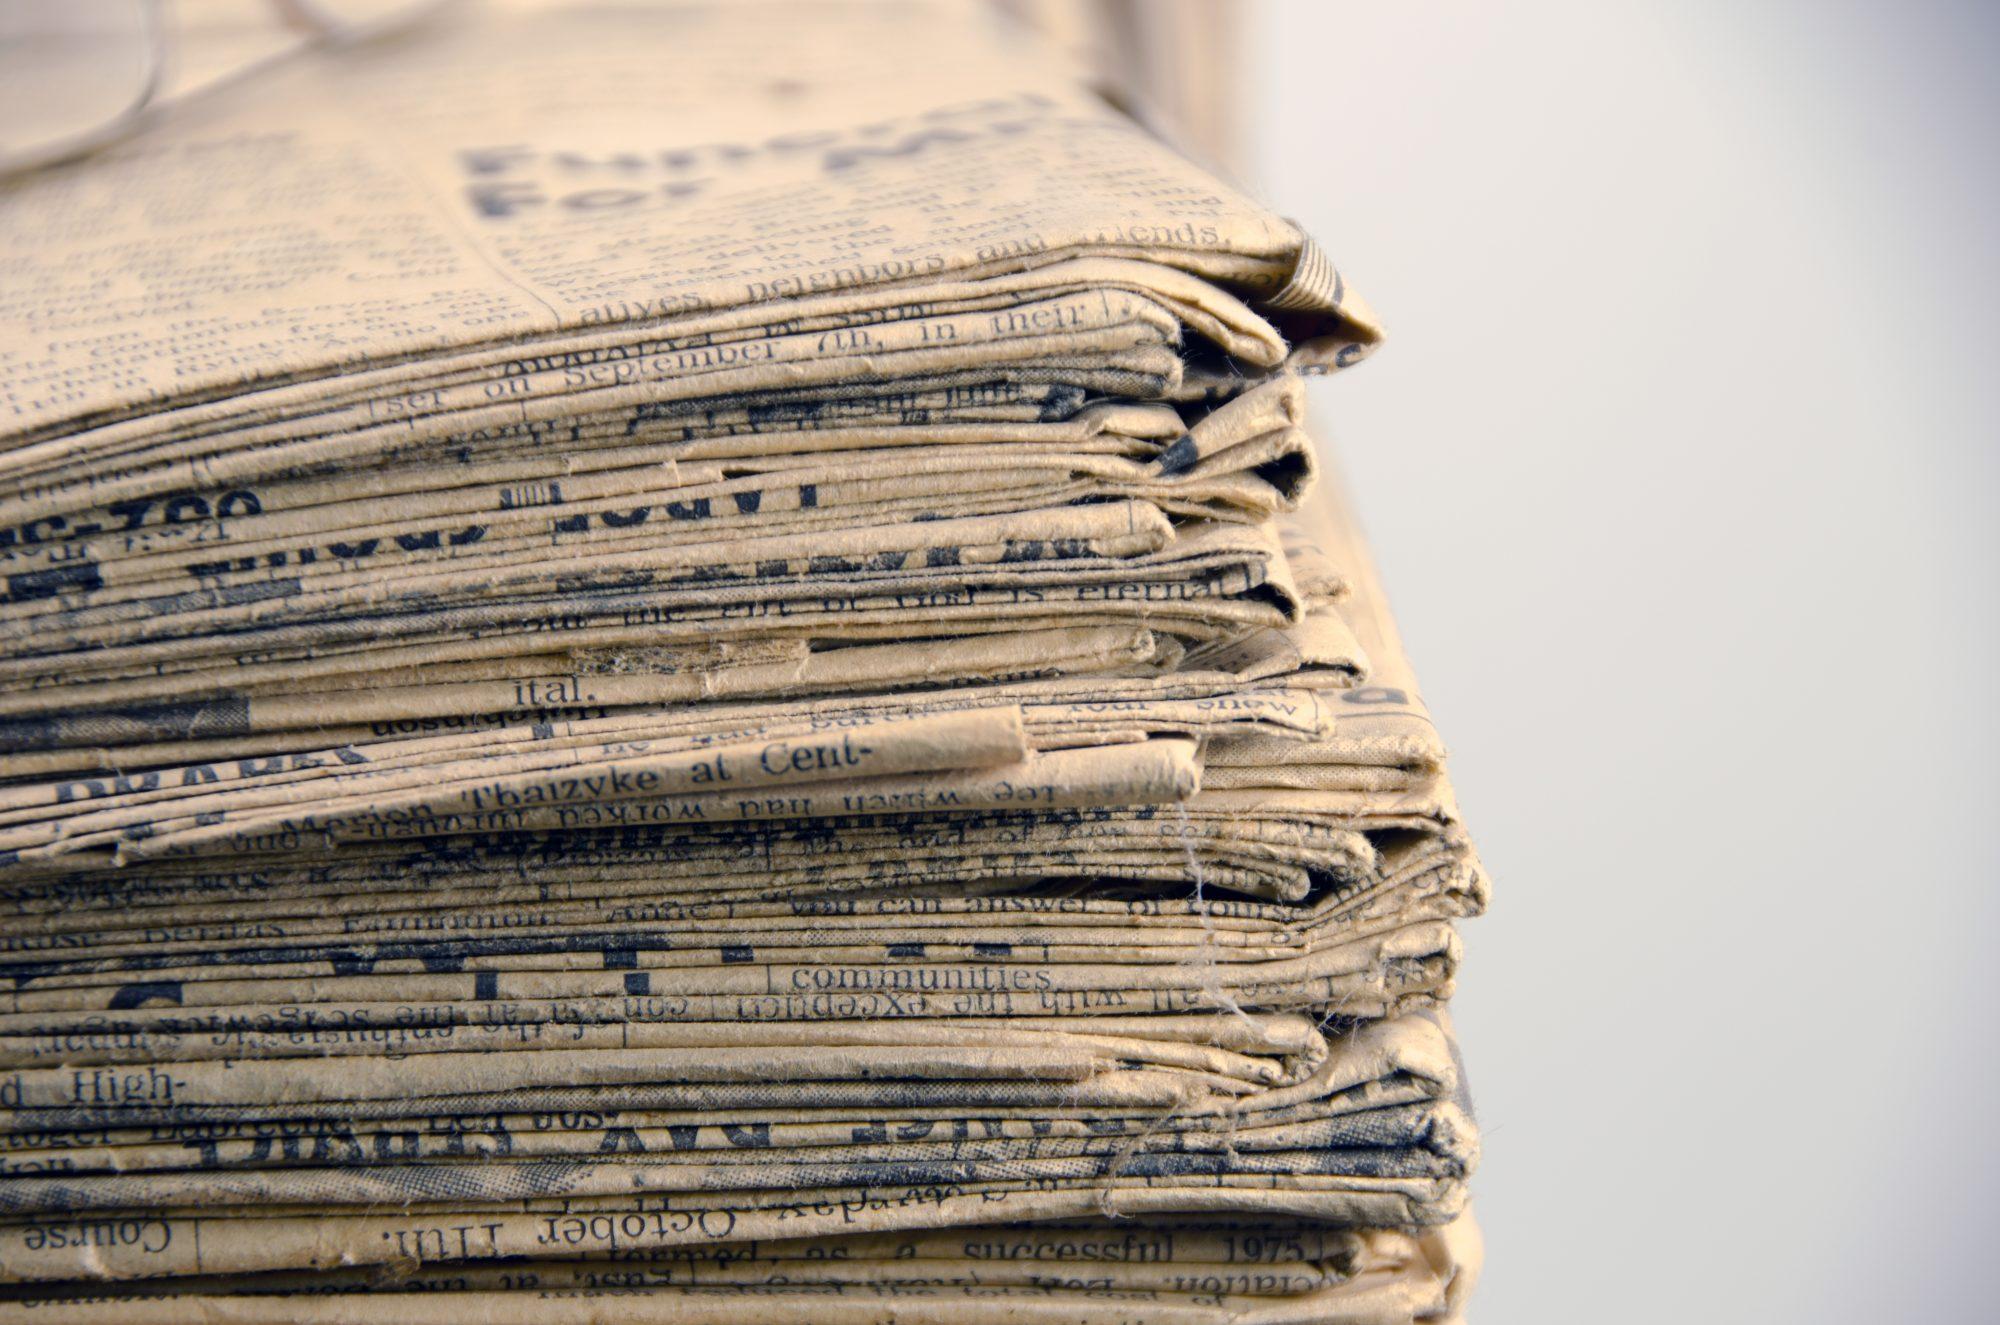 چرا کاغذ به مرور زمان زرد میشود؟